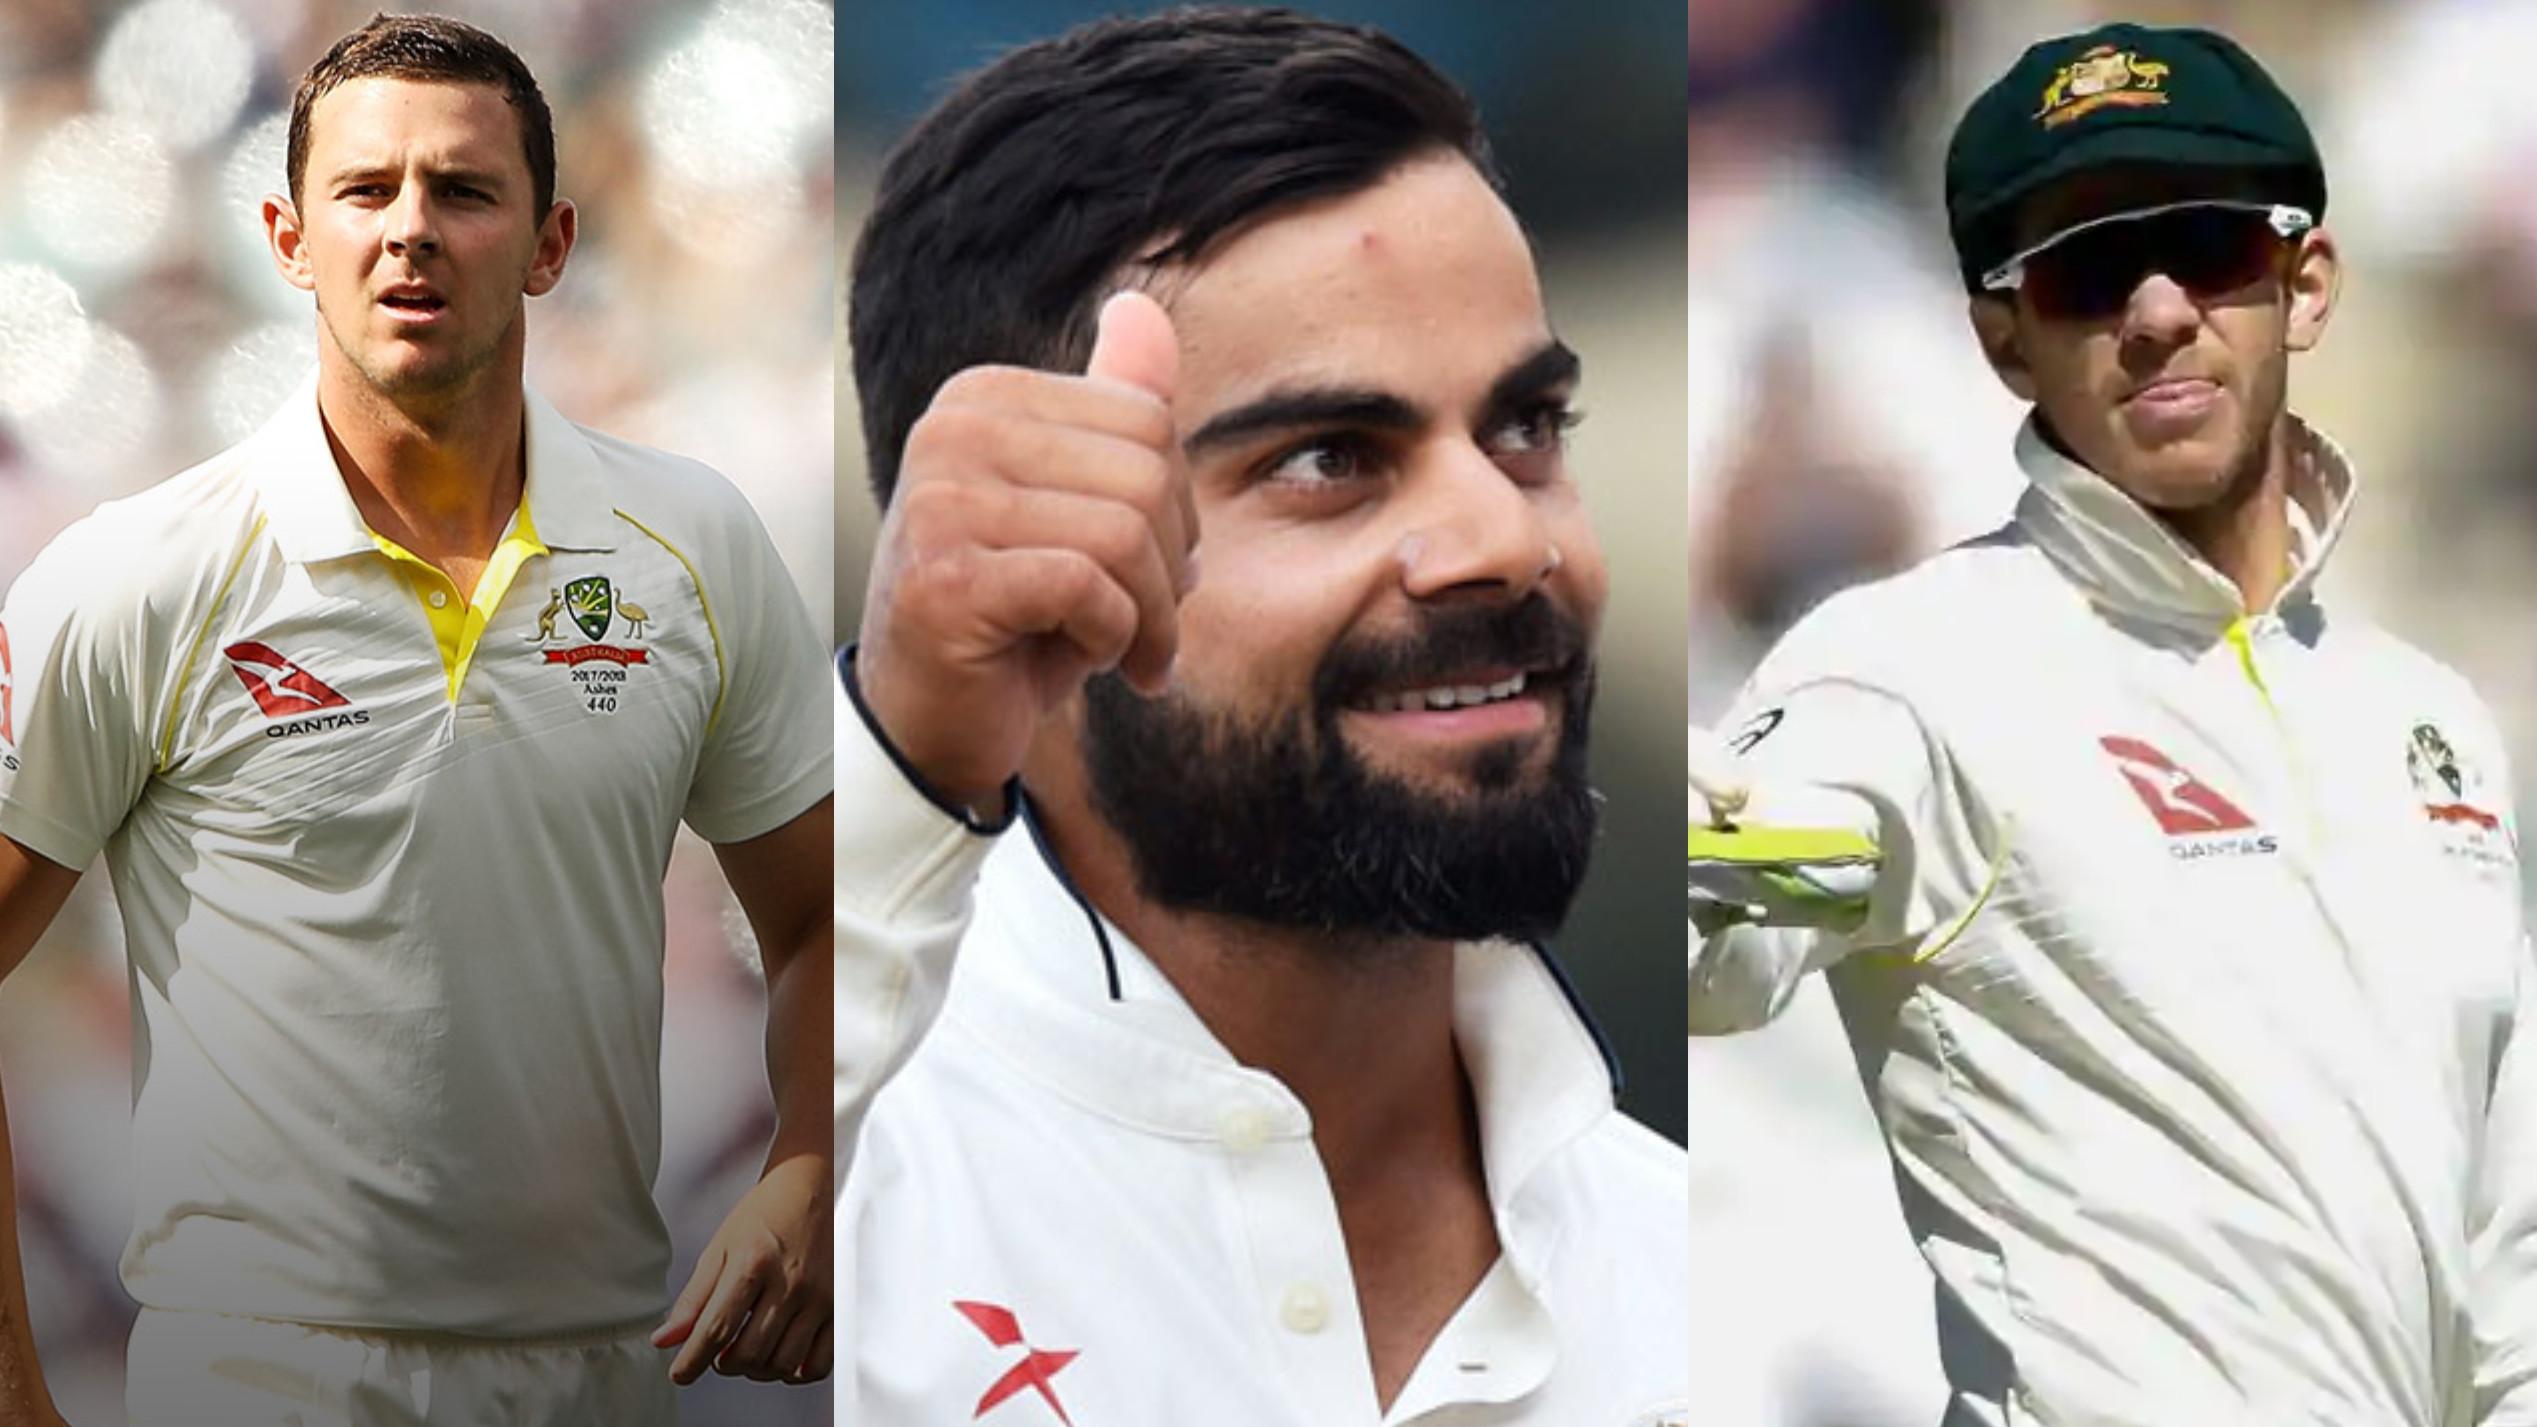 AUS v IND 2018-19 : विराट कोहली को स्लेड्जिंग करने पर जोश हेजलवुड और कप्तान टिम पेन ने दिया ये बयान